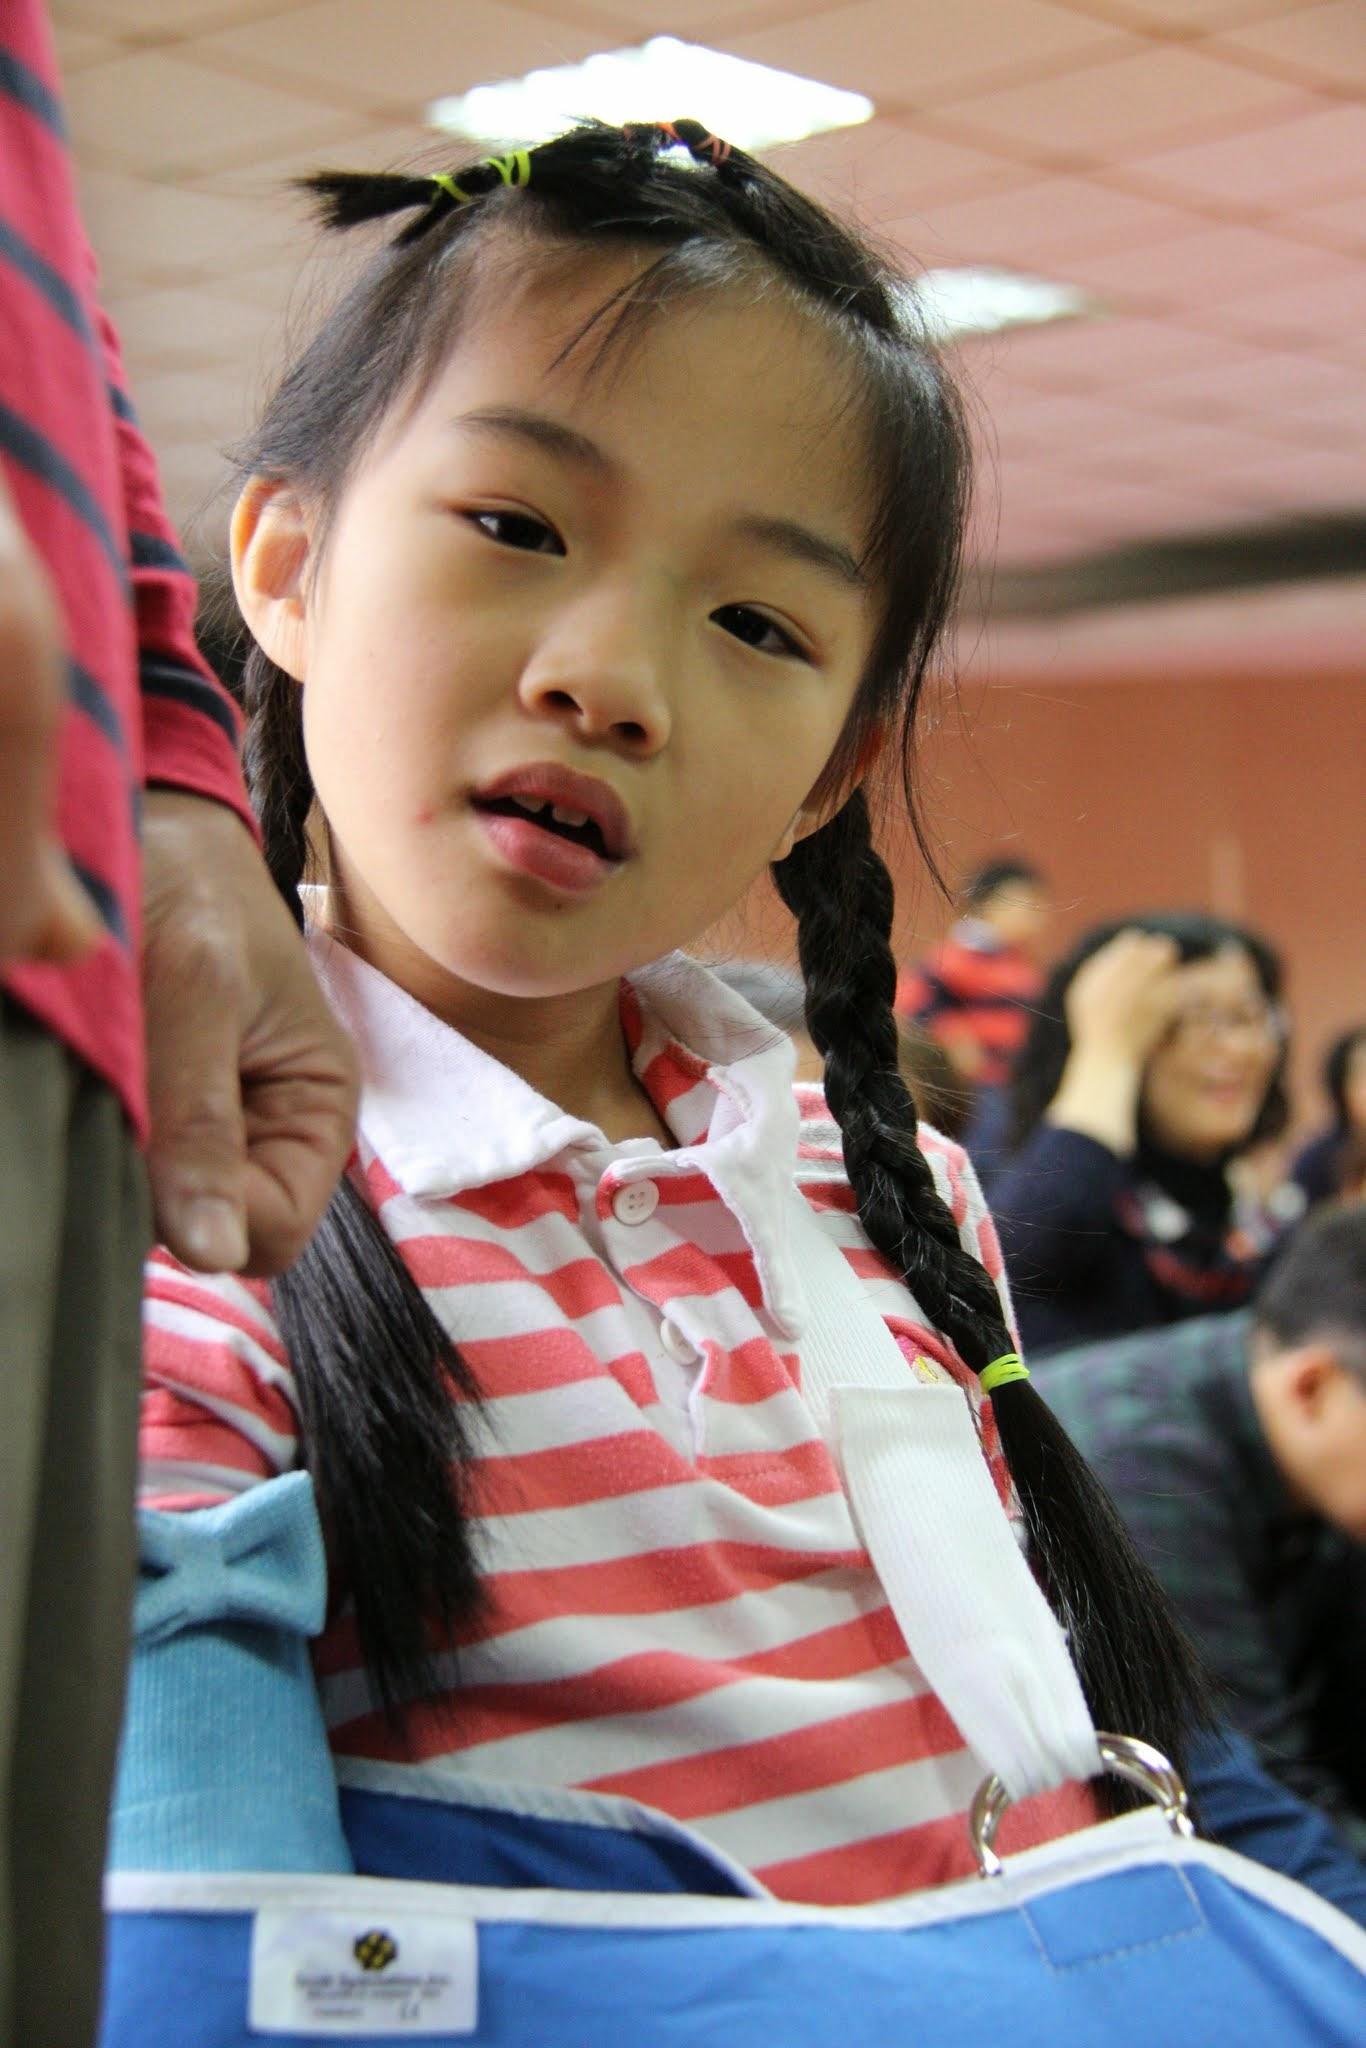 【小中学生】♪美少女らいすっき♪ 401 【天てれ・子役・素人・ボゴOK】 [無断転載禁止]©2ch.netYouTube動画>53本 ->画像>2270枚